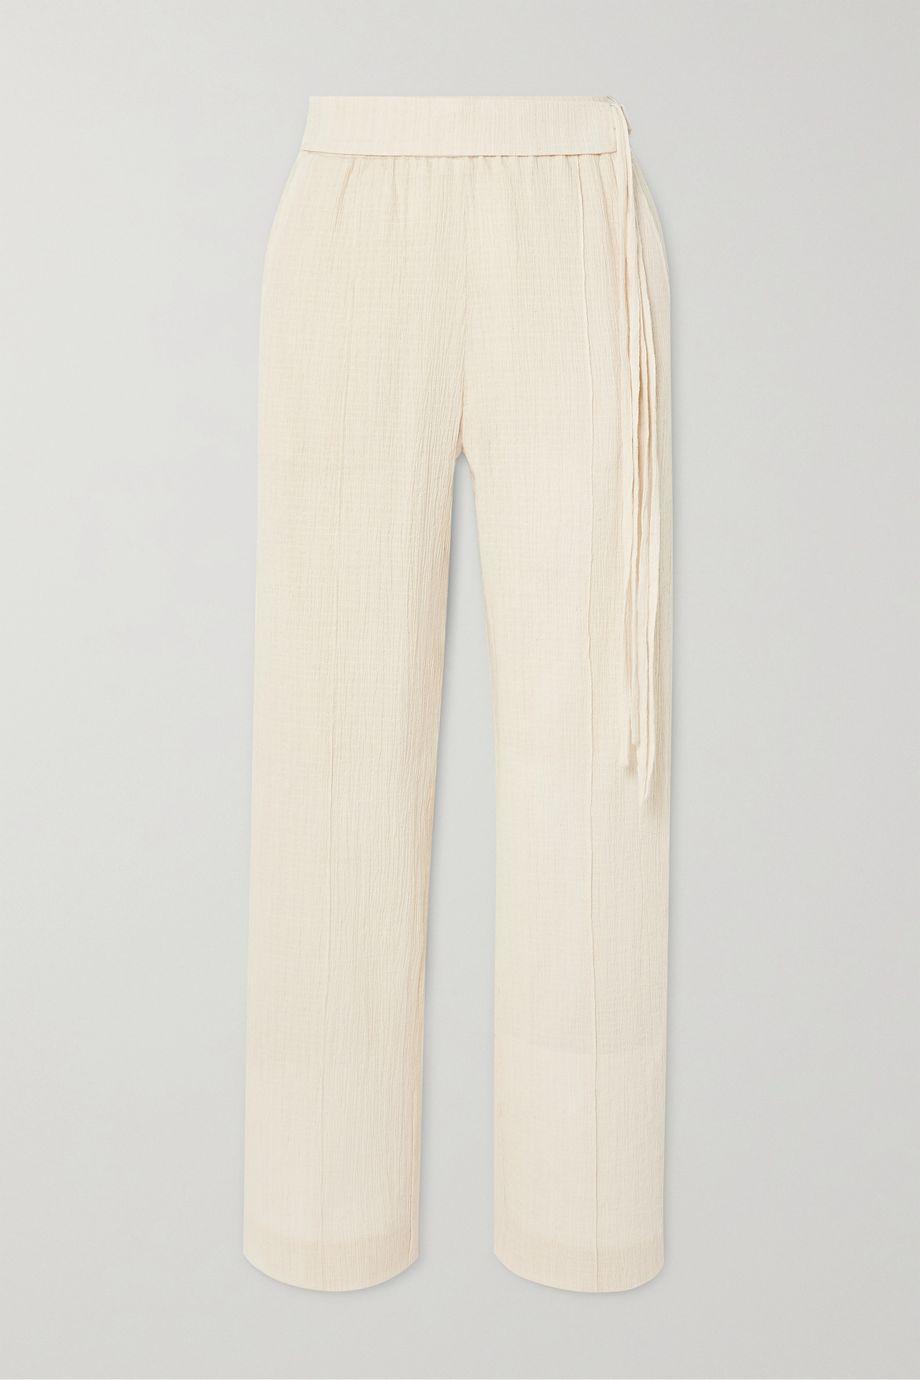 LE 17 SEPTEMBRE Belted cotton-blend crepon straight-leg pants